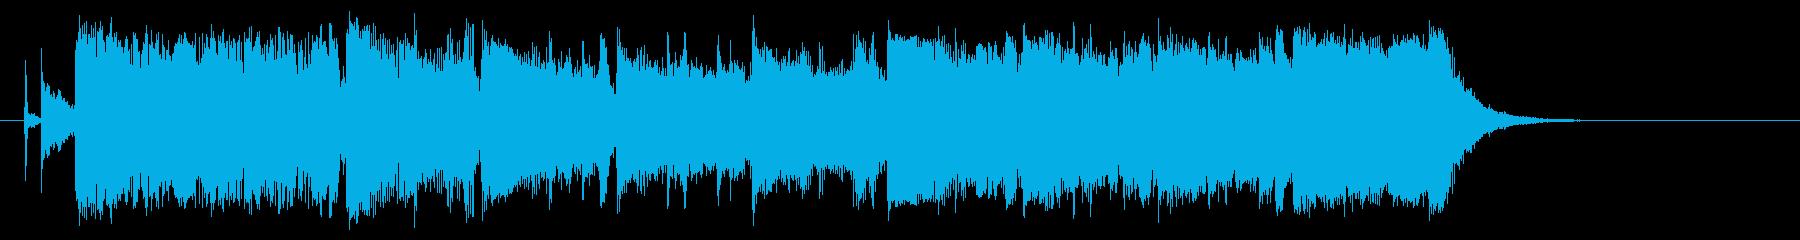 疾走感ある短いシンセサイザーの曲の再生済みの波形